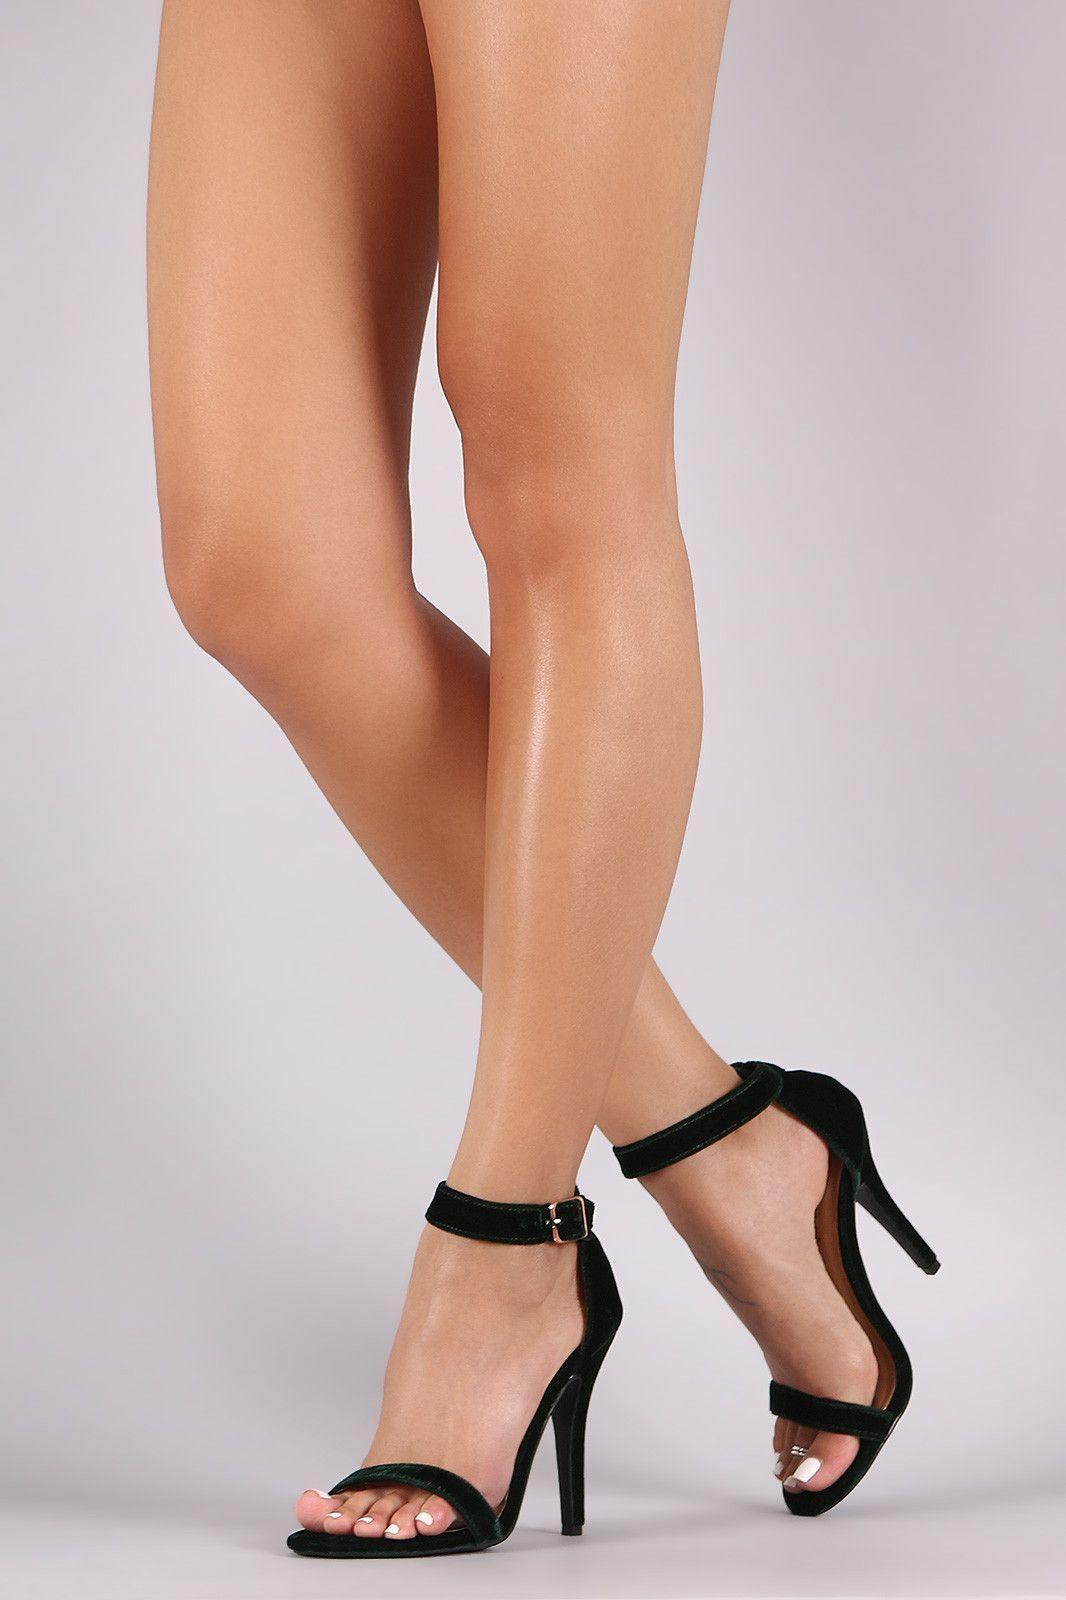 e847171f06b Anne Michelle Velvet Open Toe Ankle Strap Heel